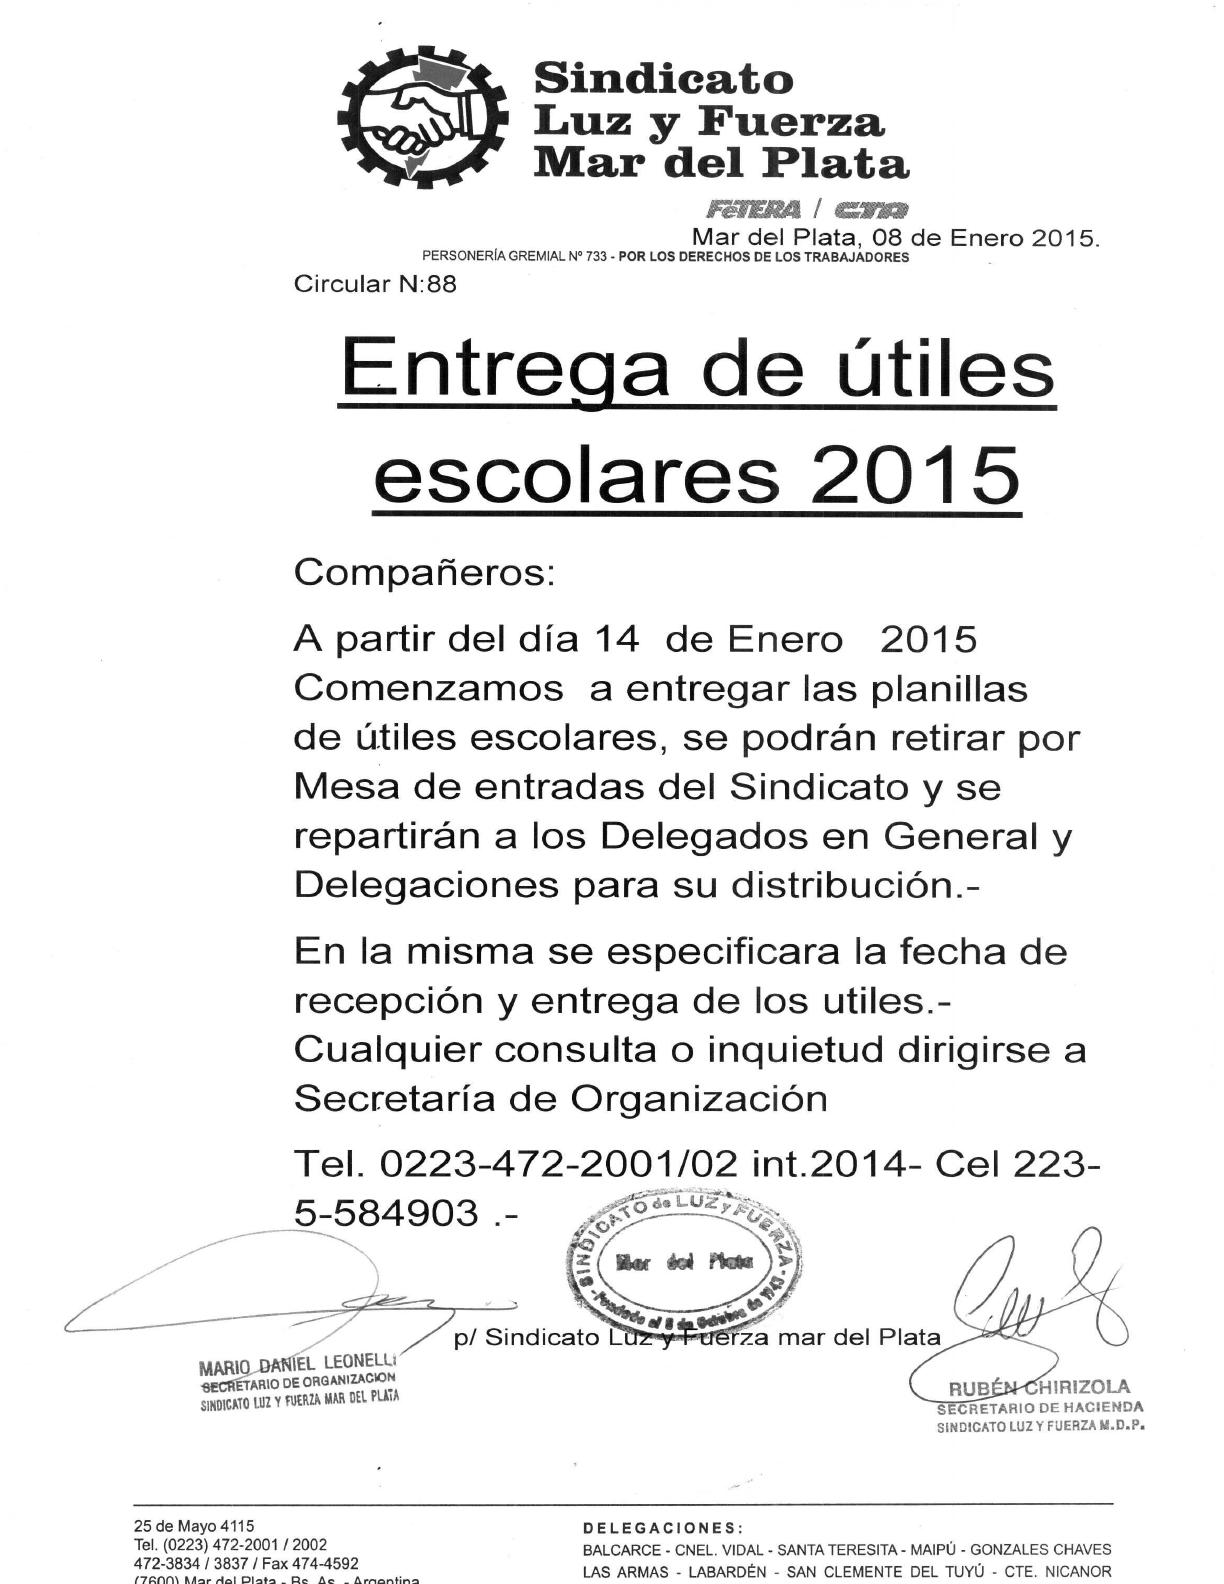 ENTREGA DE UTILES 2015 FECHA 14 01 2015